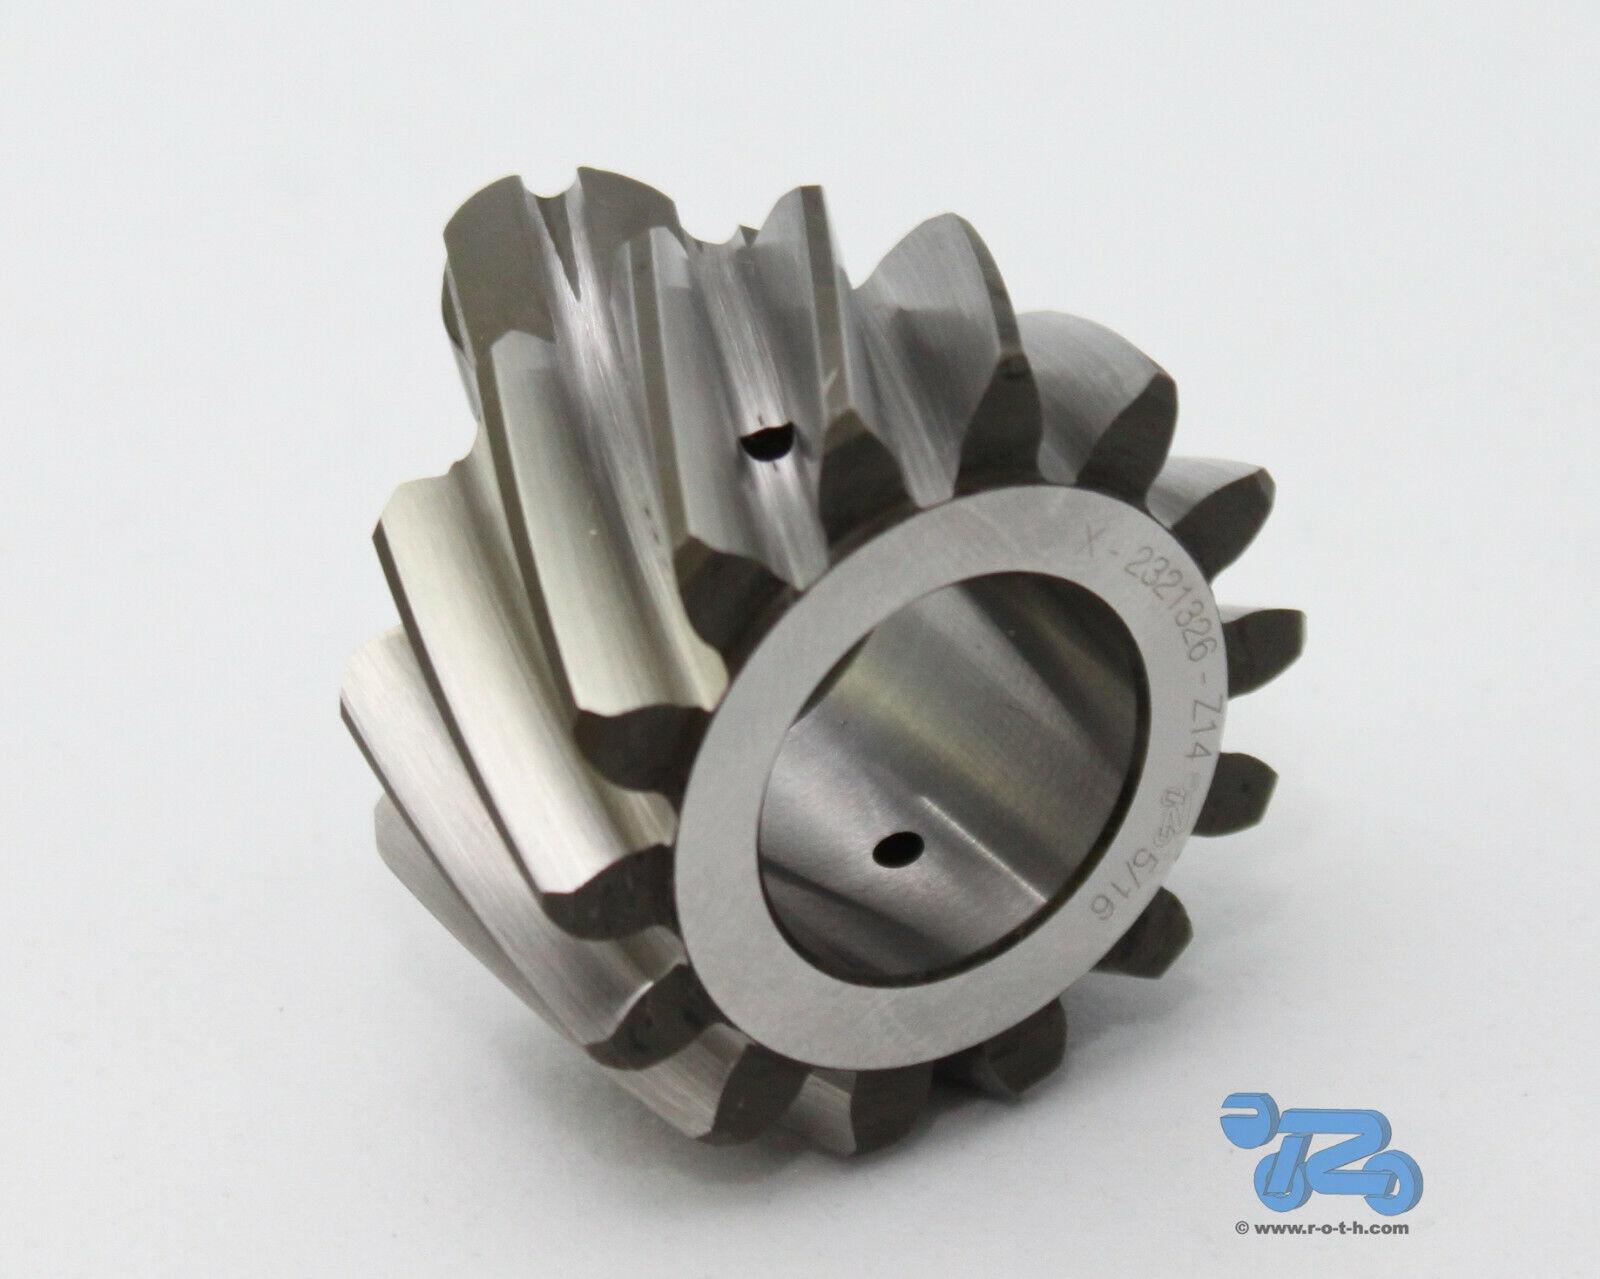 BMW Getriebe Zahnrad Antriebswelle mit X BMW R2V R45 R65 R75 R80 R100 ab 04/82